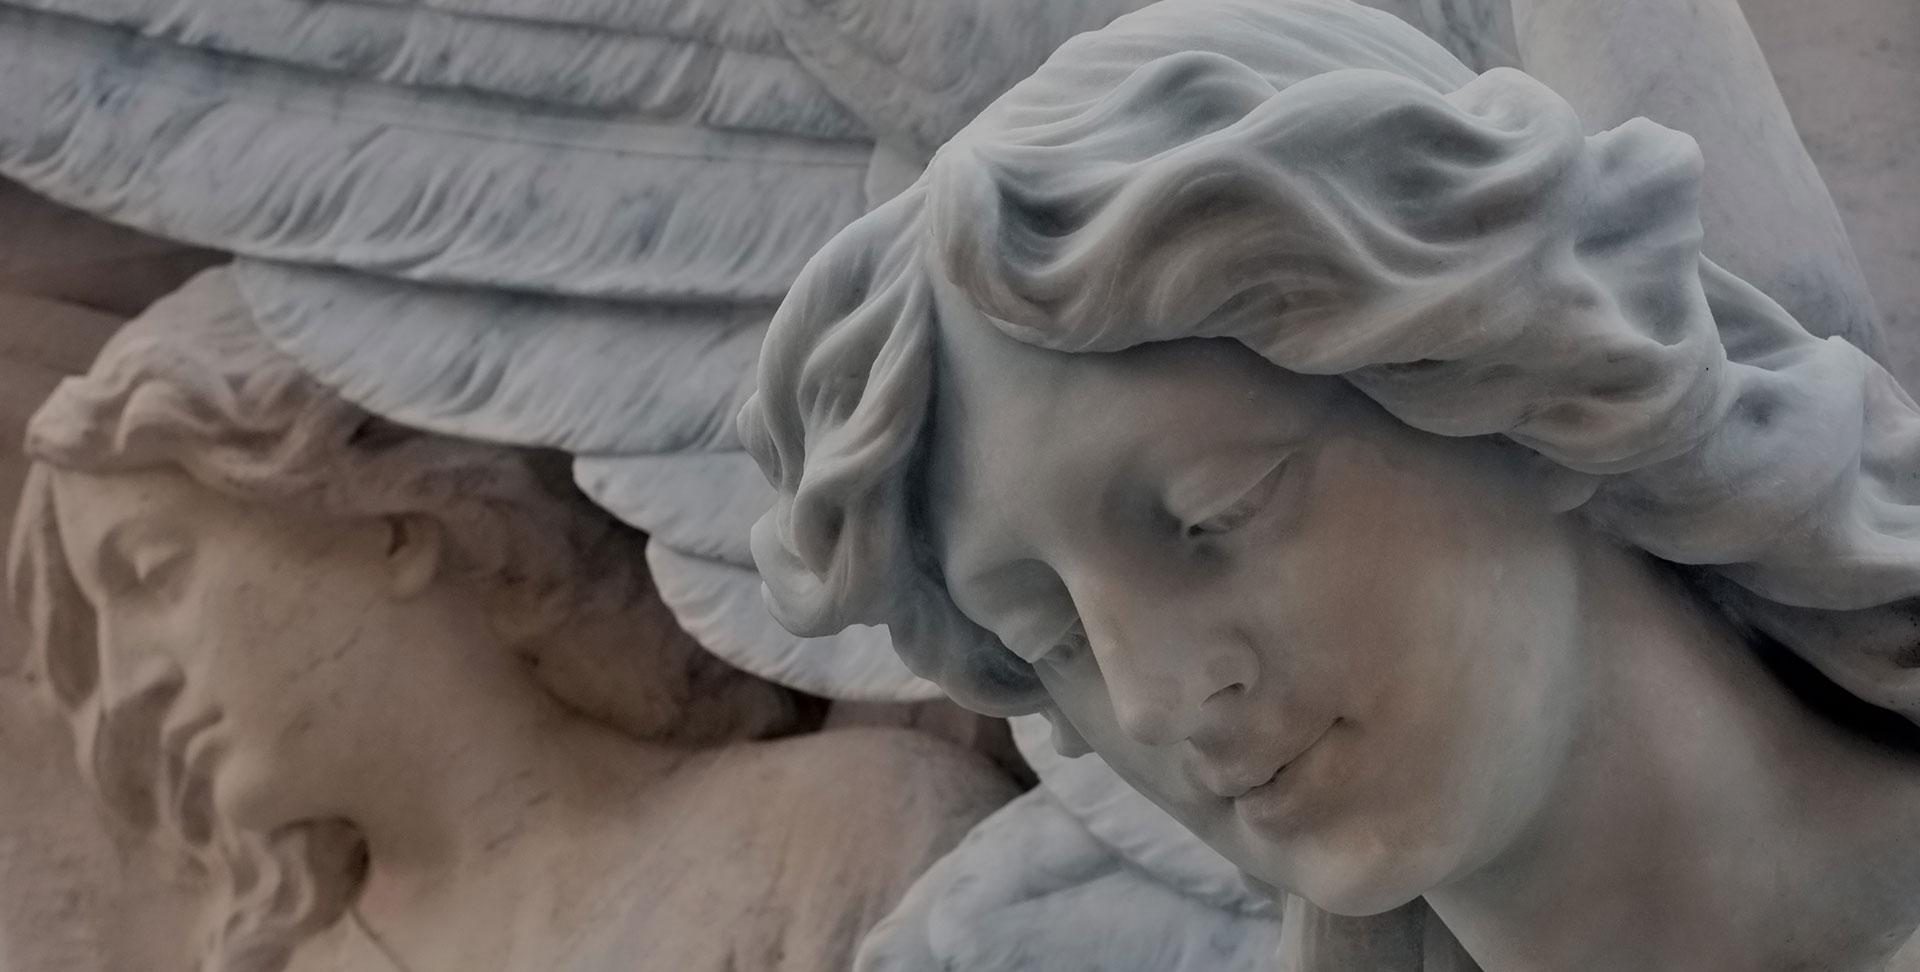 agenzia-funebre-milani-madonne